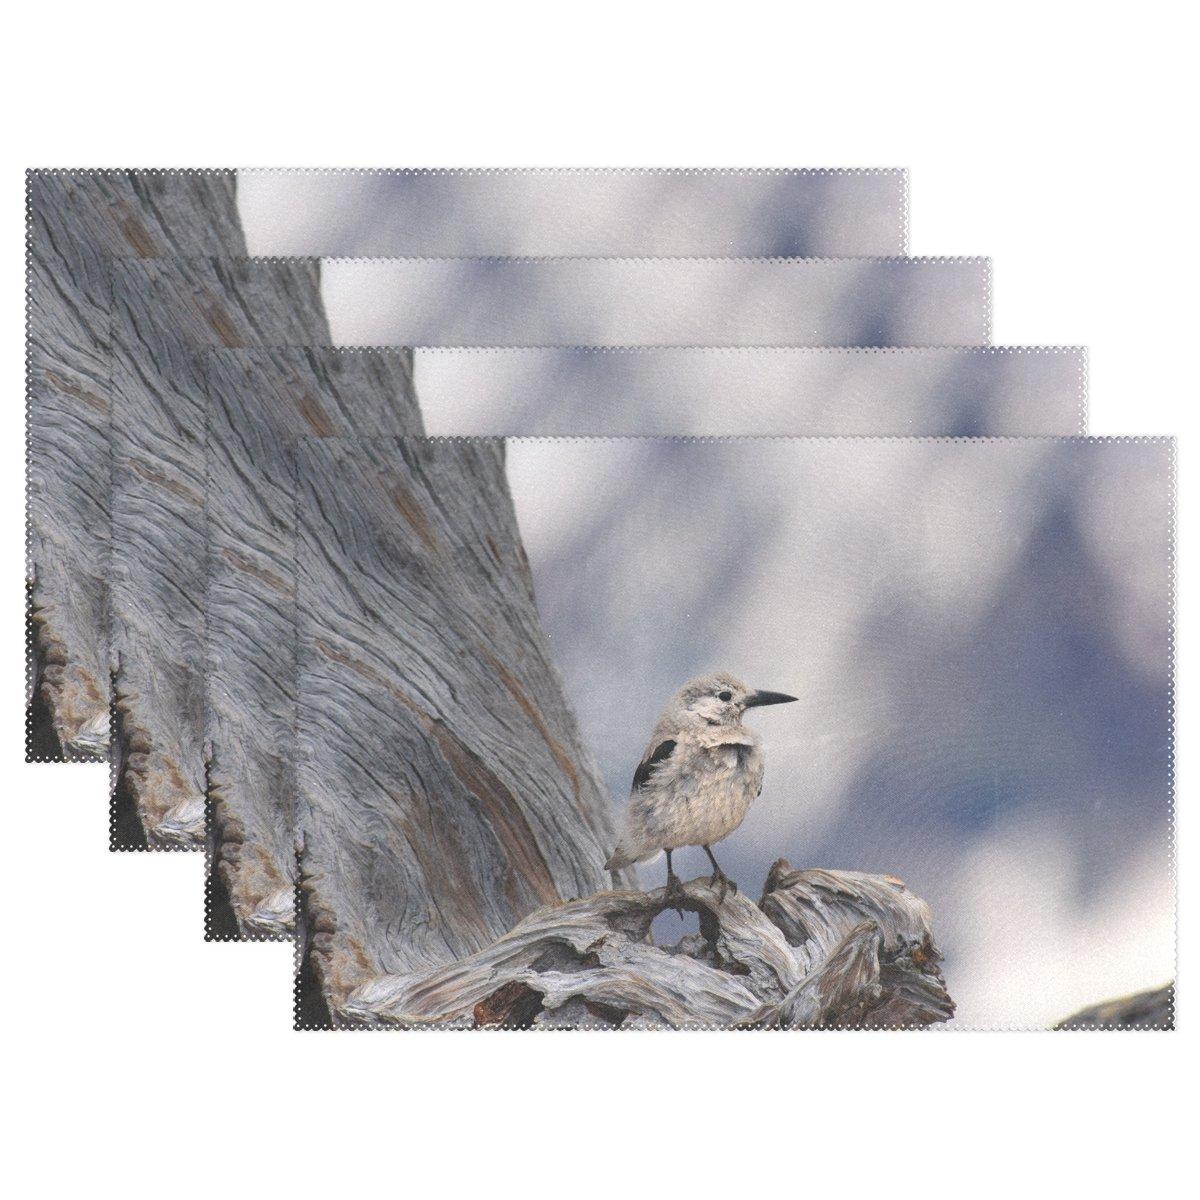 鳥印刷、プレースマットalirea耐熱プレースマット汚れ防止滑り防止洗濯可能ポリエステルテーブルマット非スリップEasy Cleanプレースマット、12